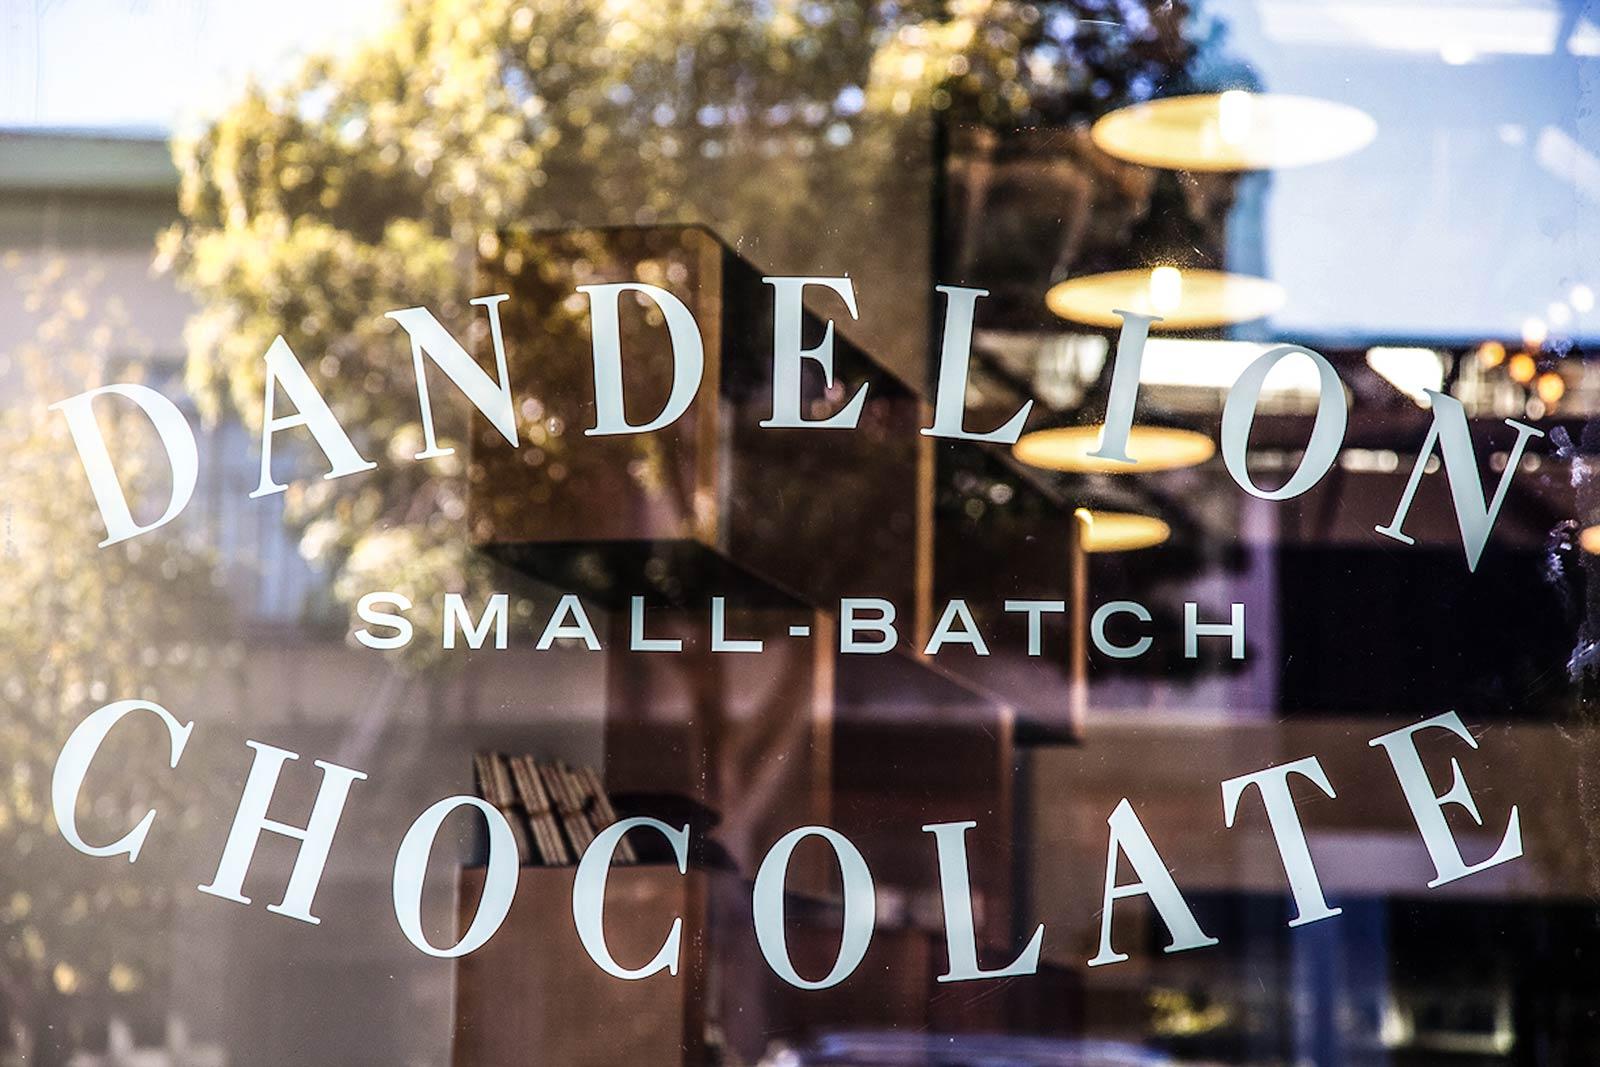 Beste Schokolade: Willkommen bei Dandelion Chocolate